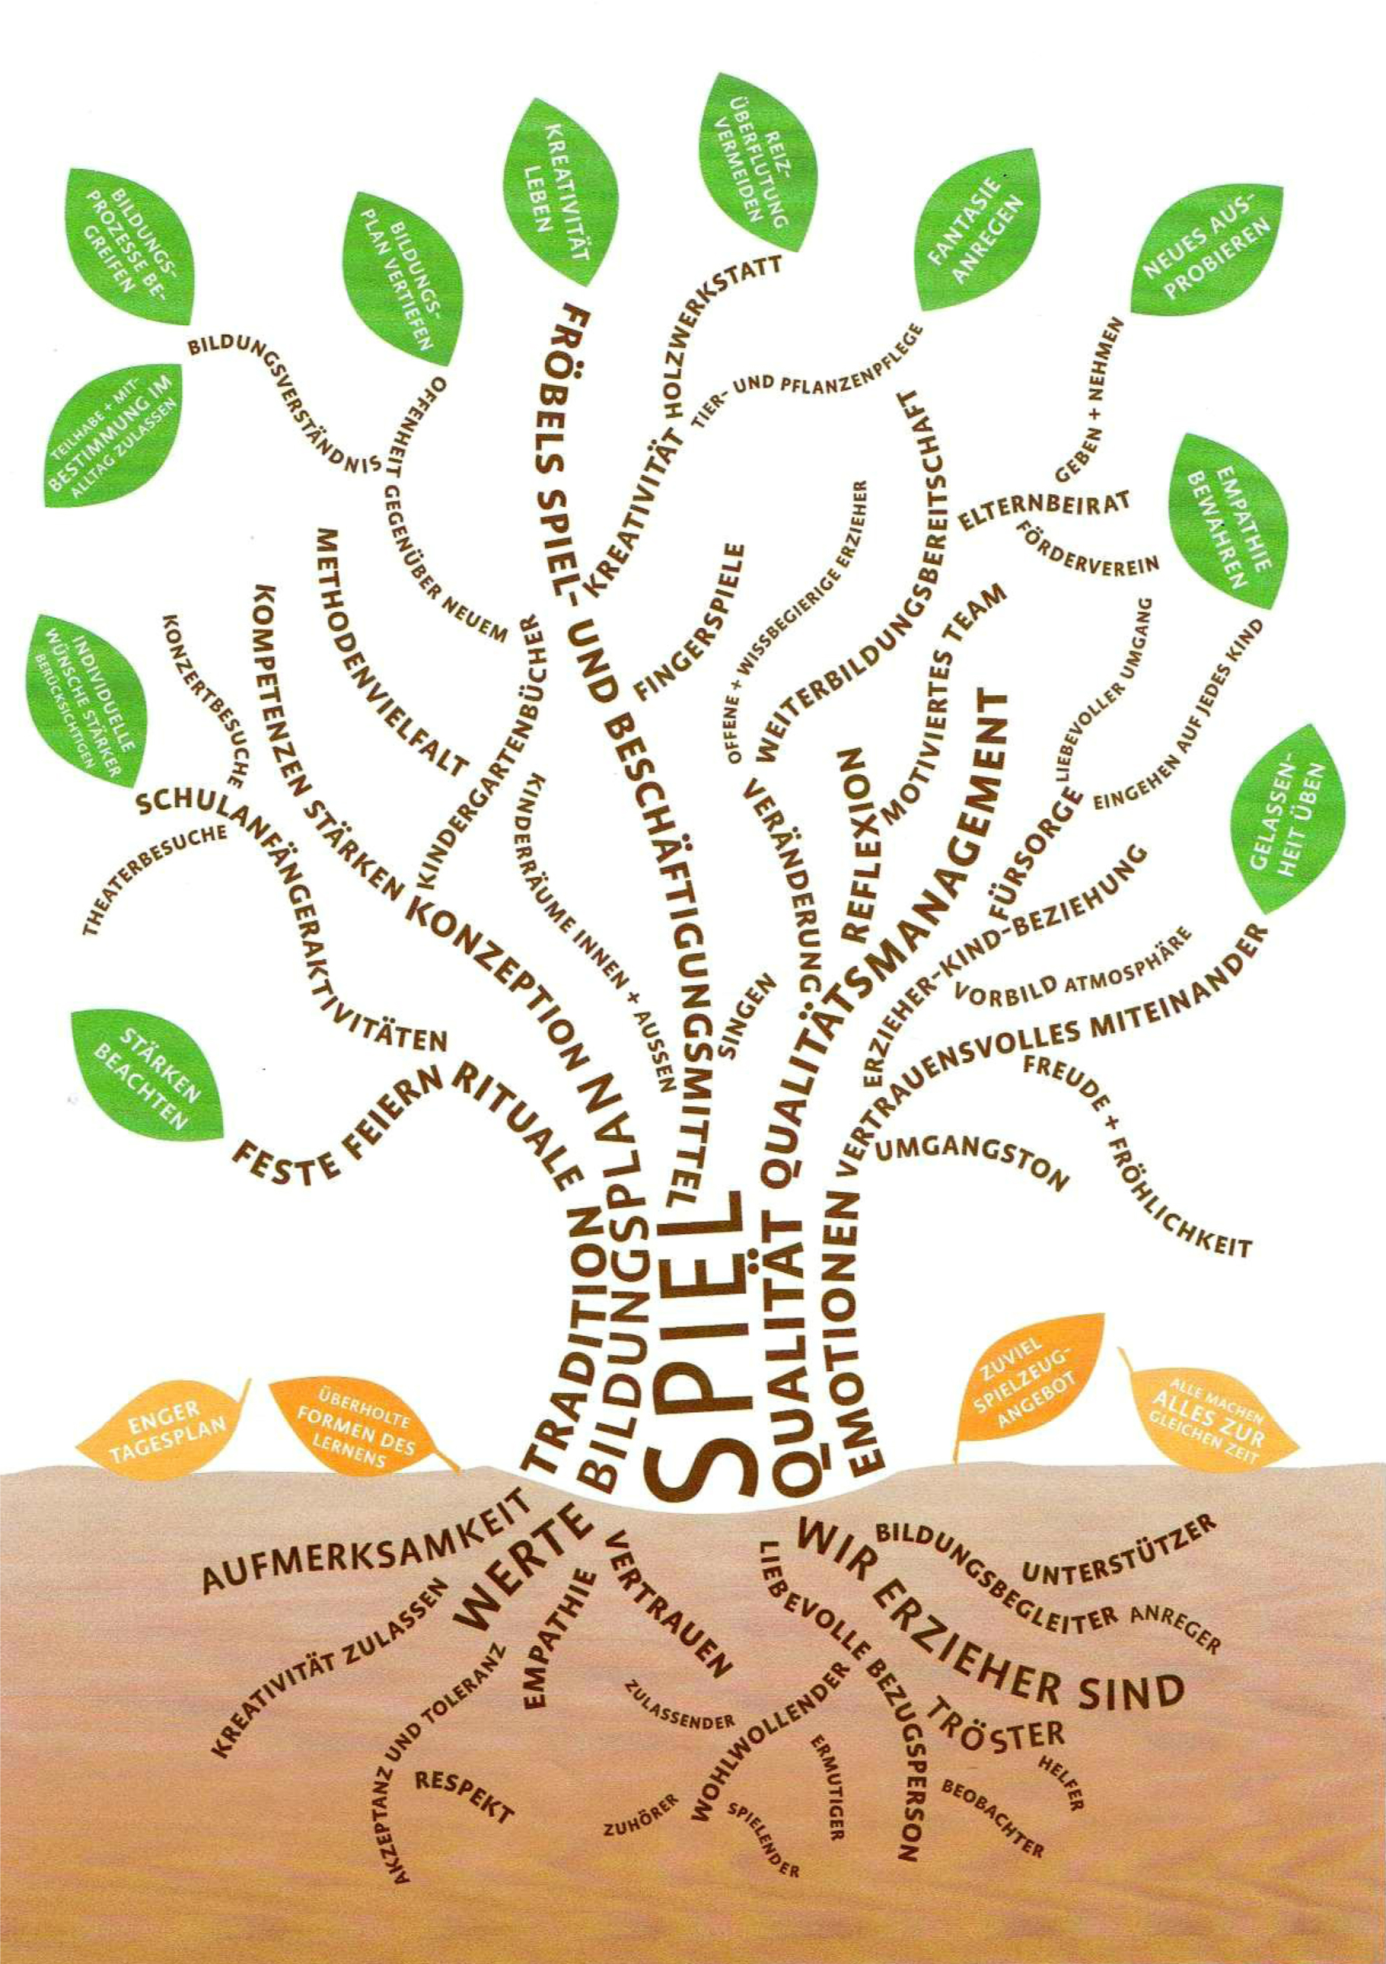 Baum Grafik Fröbelkindergarten